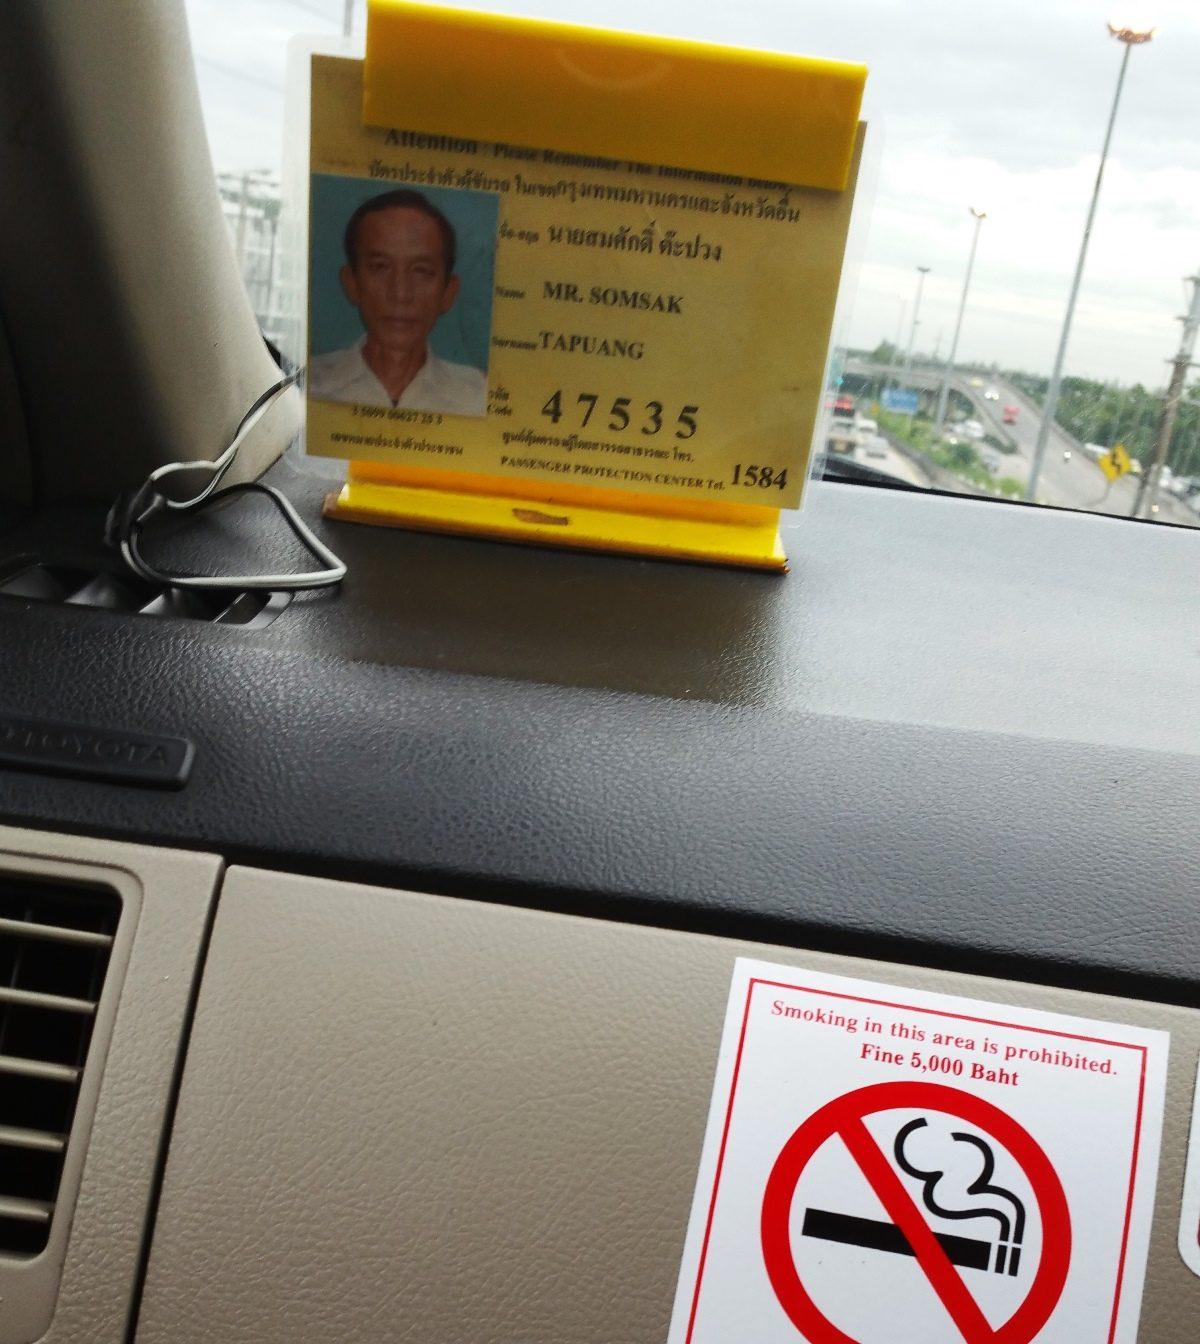 タクシー運転手のID